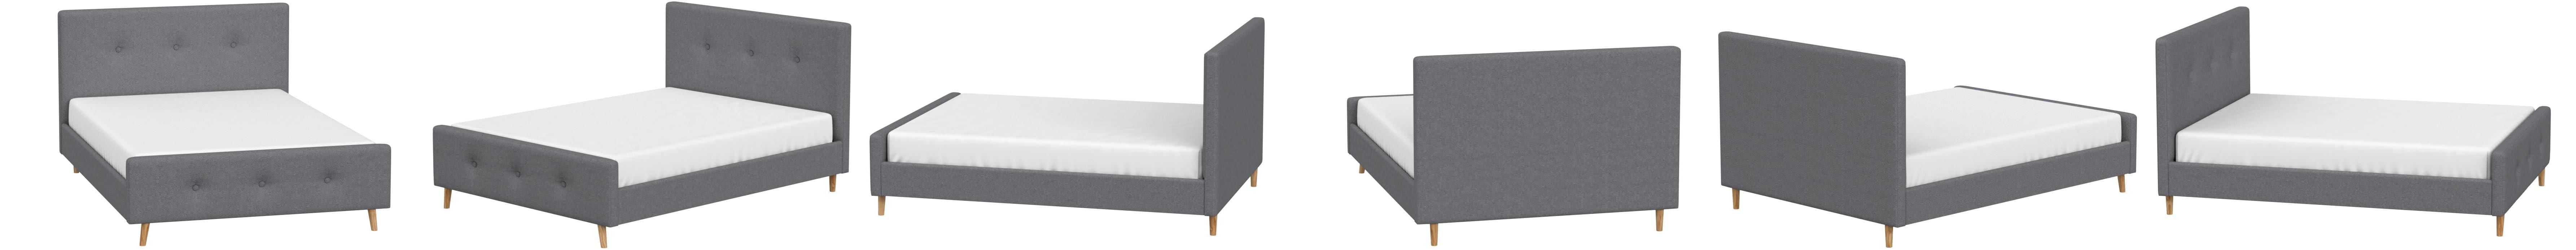 Mobilier Deco - Cama escandinava para 2 personas, tejido gris ...